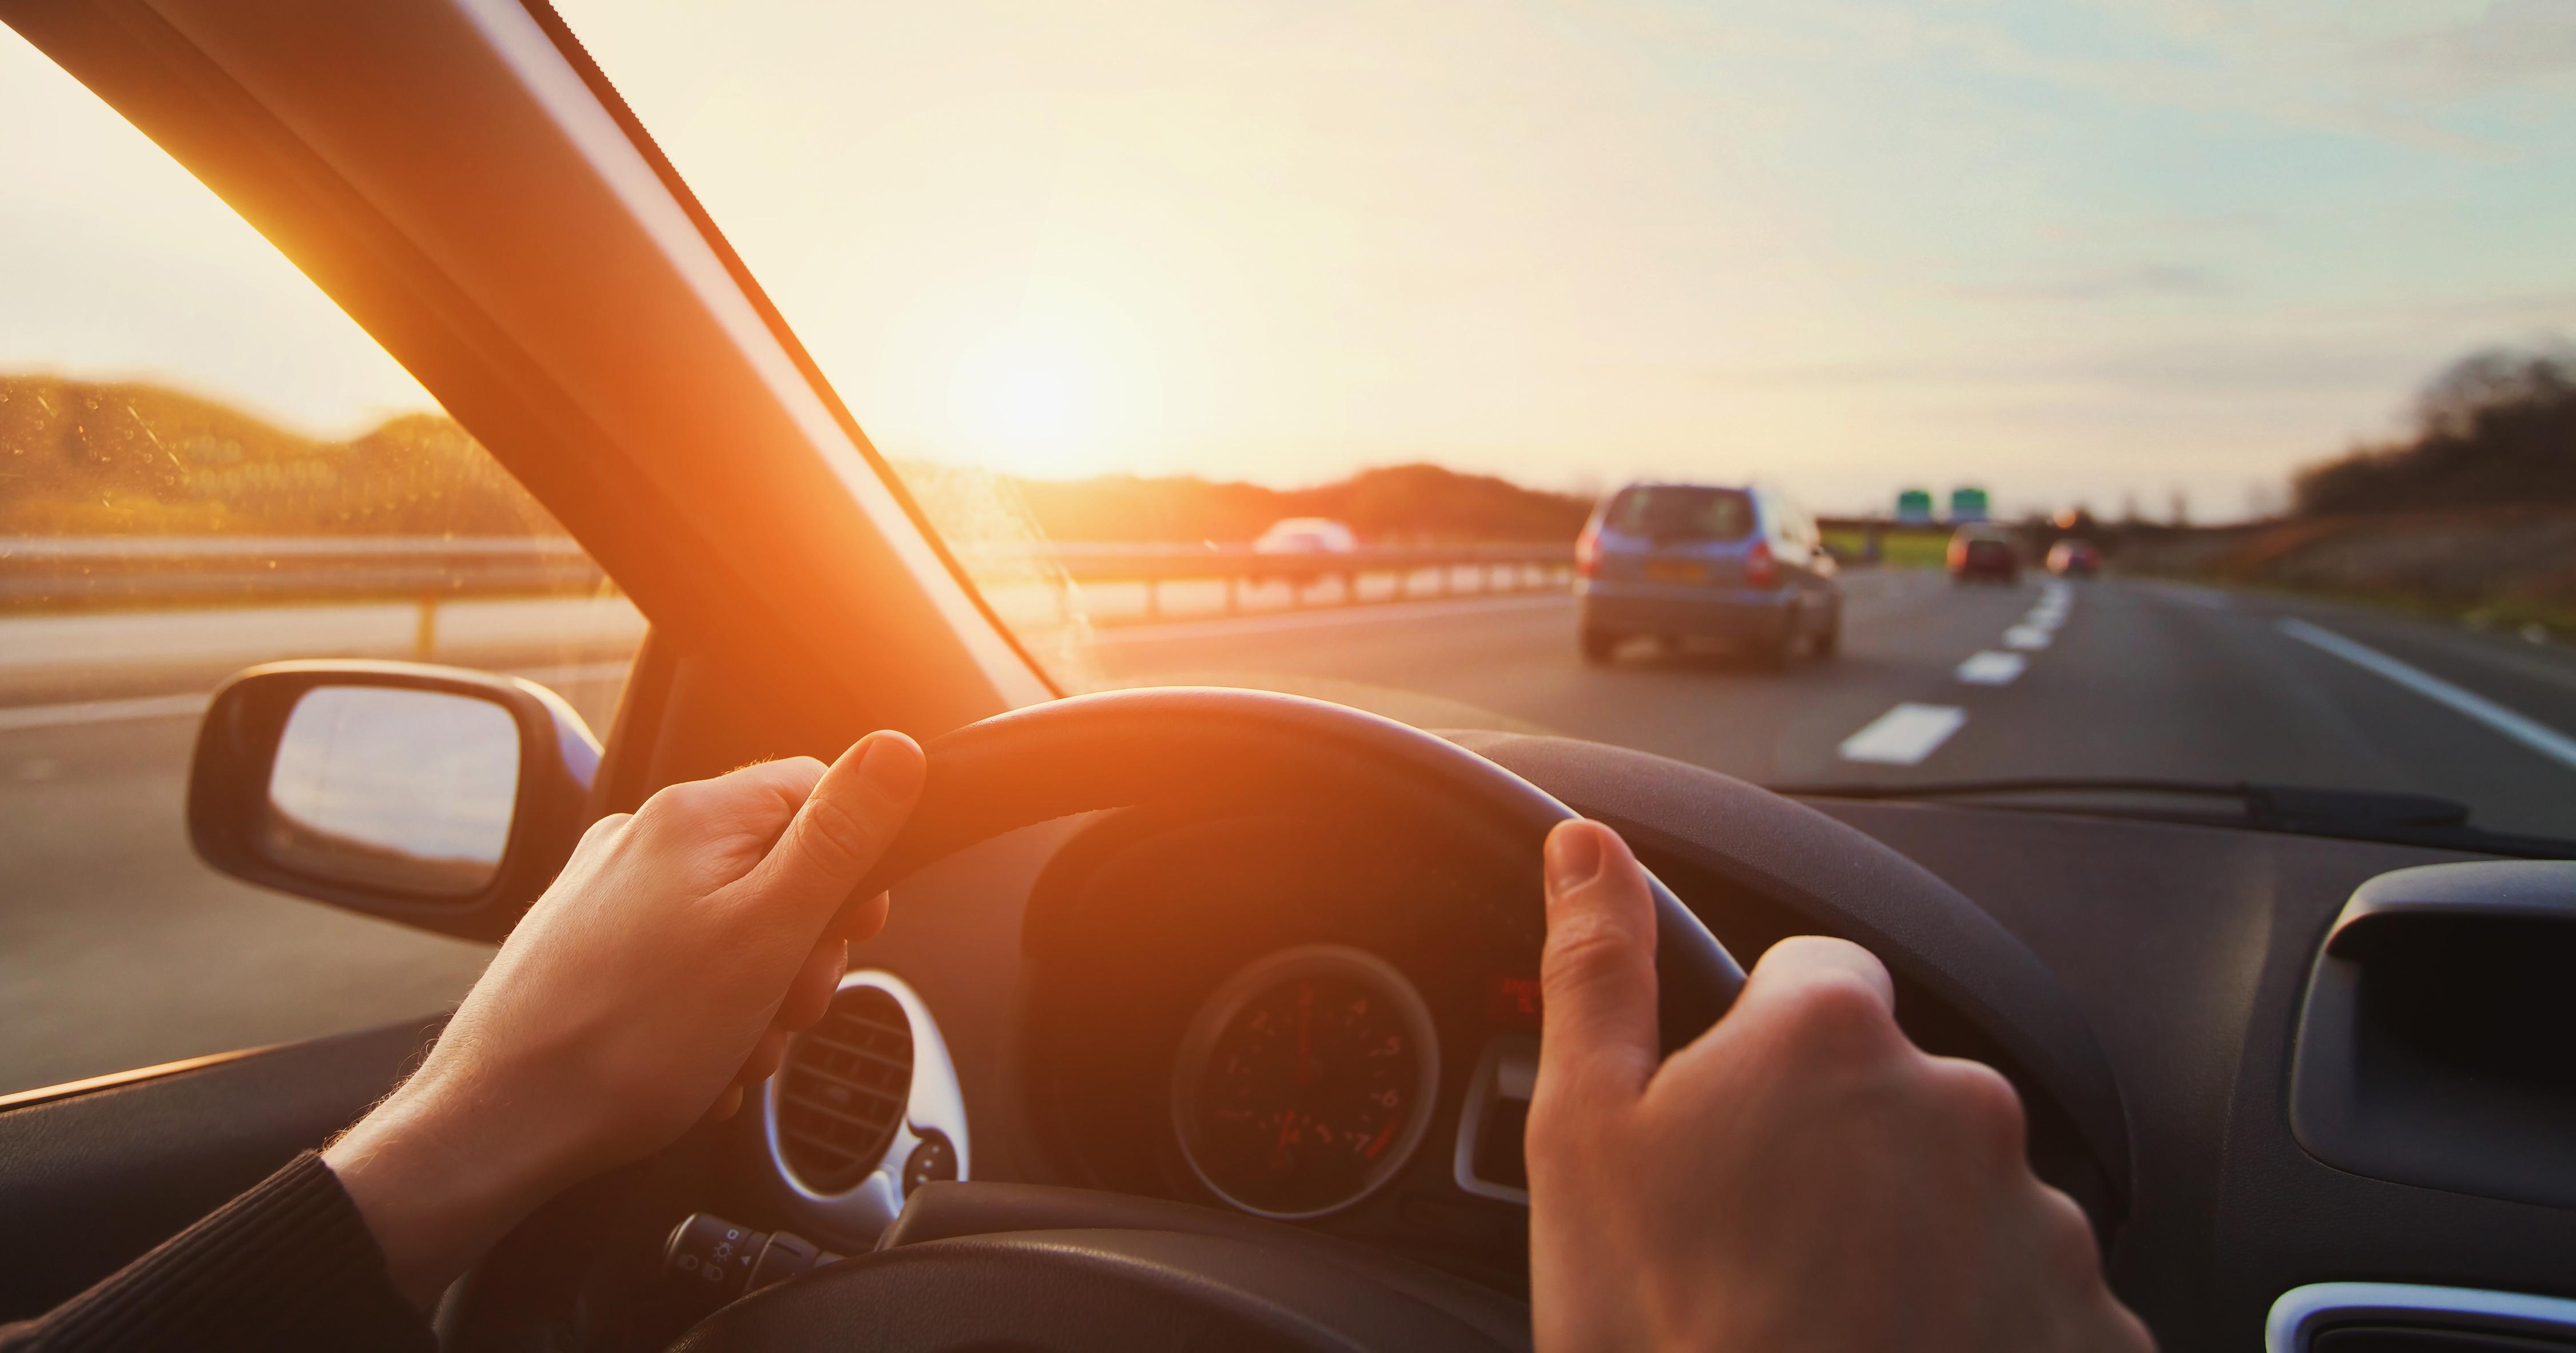 Twój samochód zaczął więcej palić? Sprawdź jaka może być tego przyczyna